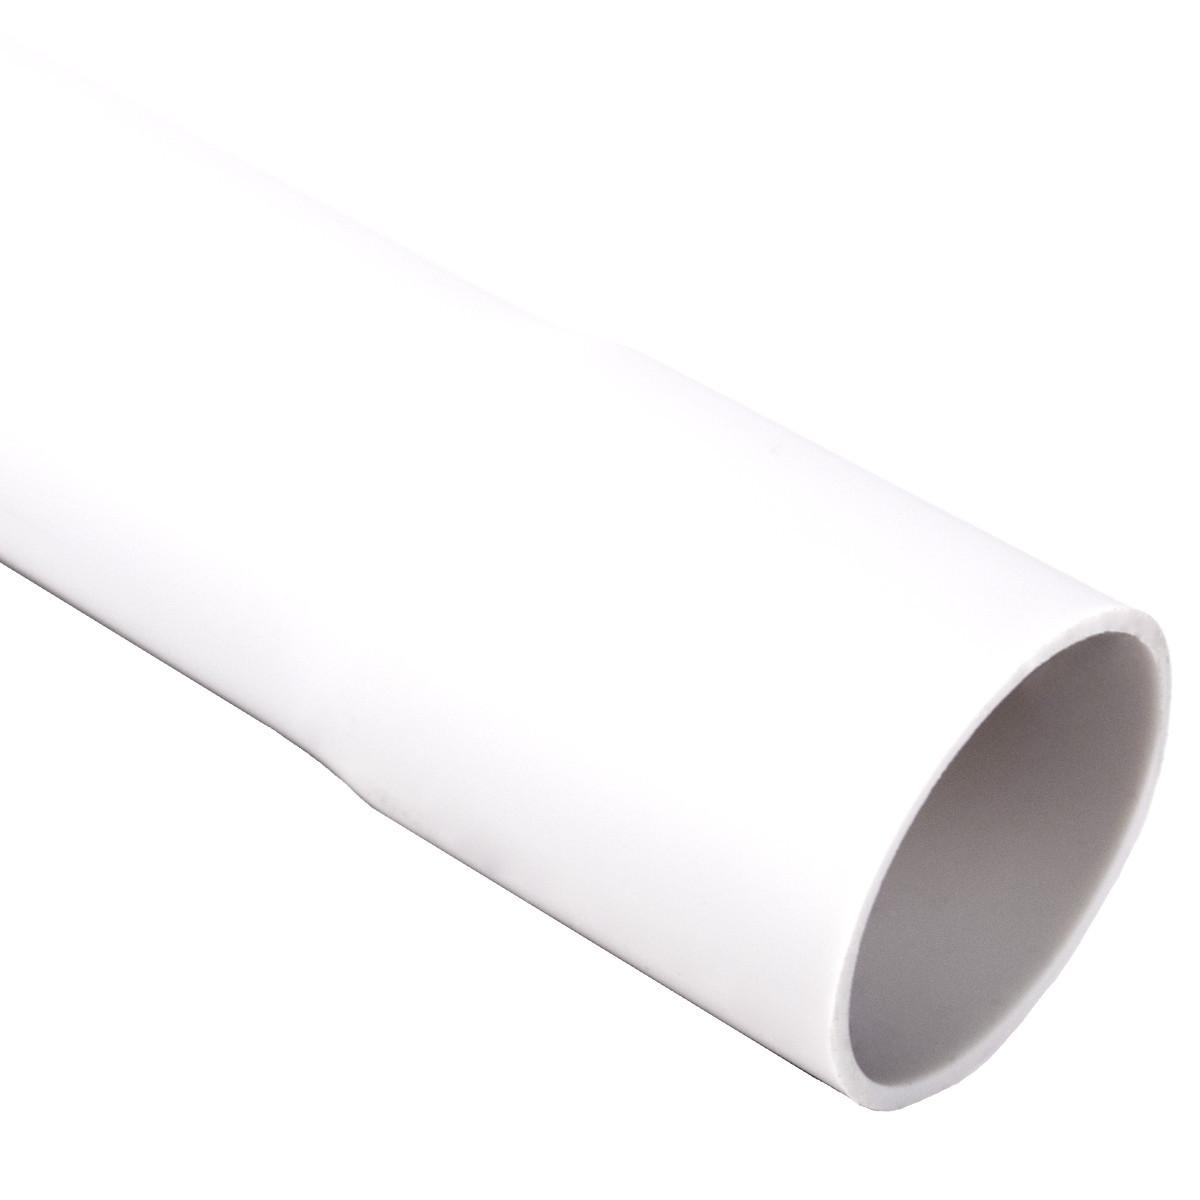 Труба жорстка 320 N/5см з раструбом для з'єднання; Ø25мм; ПВХ;; довжина 3м; t застосування -25+60 °с; біла; Упаковка 30 шт